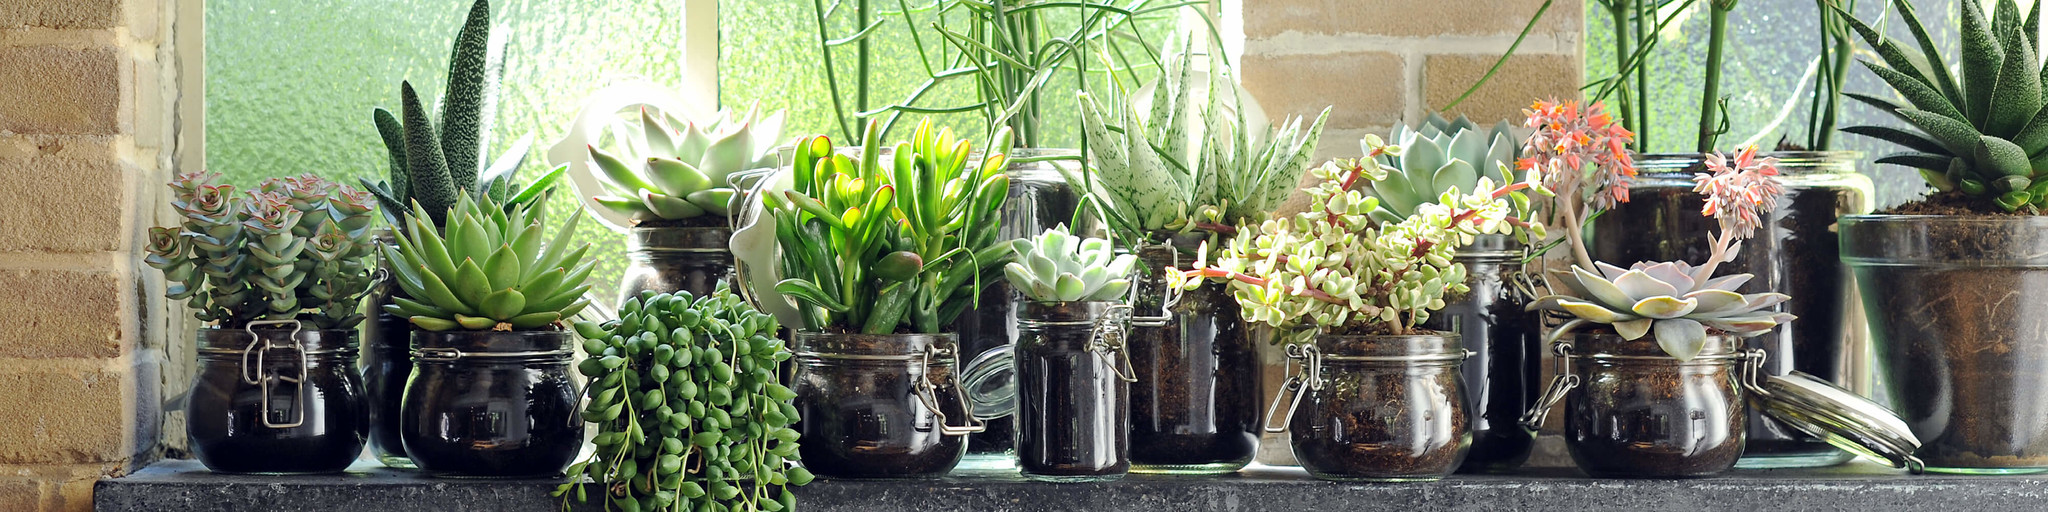 Höchster Qualität Pflanzen Kaufen! banner 3